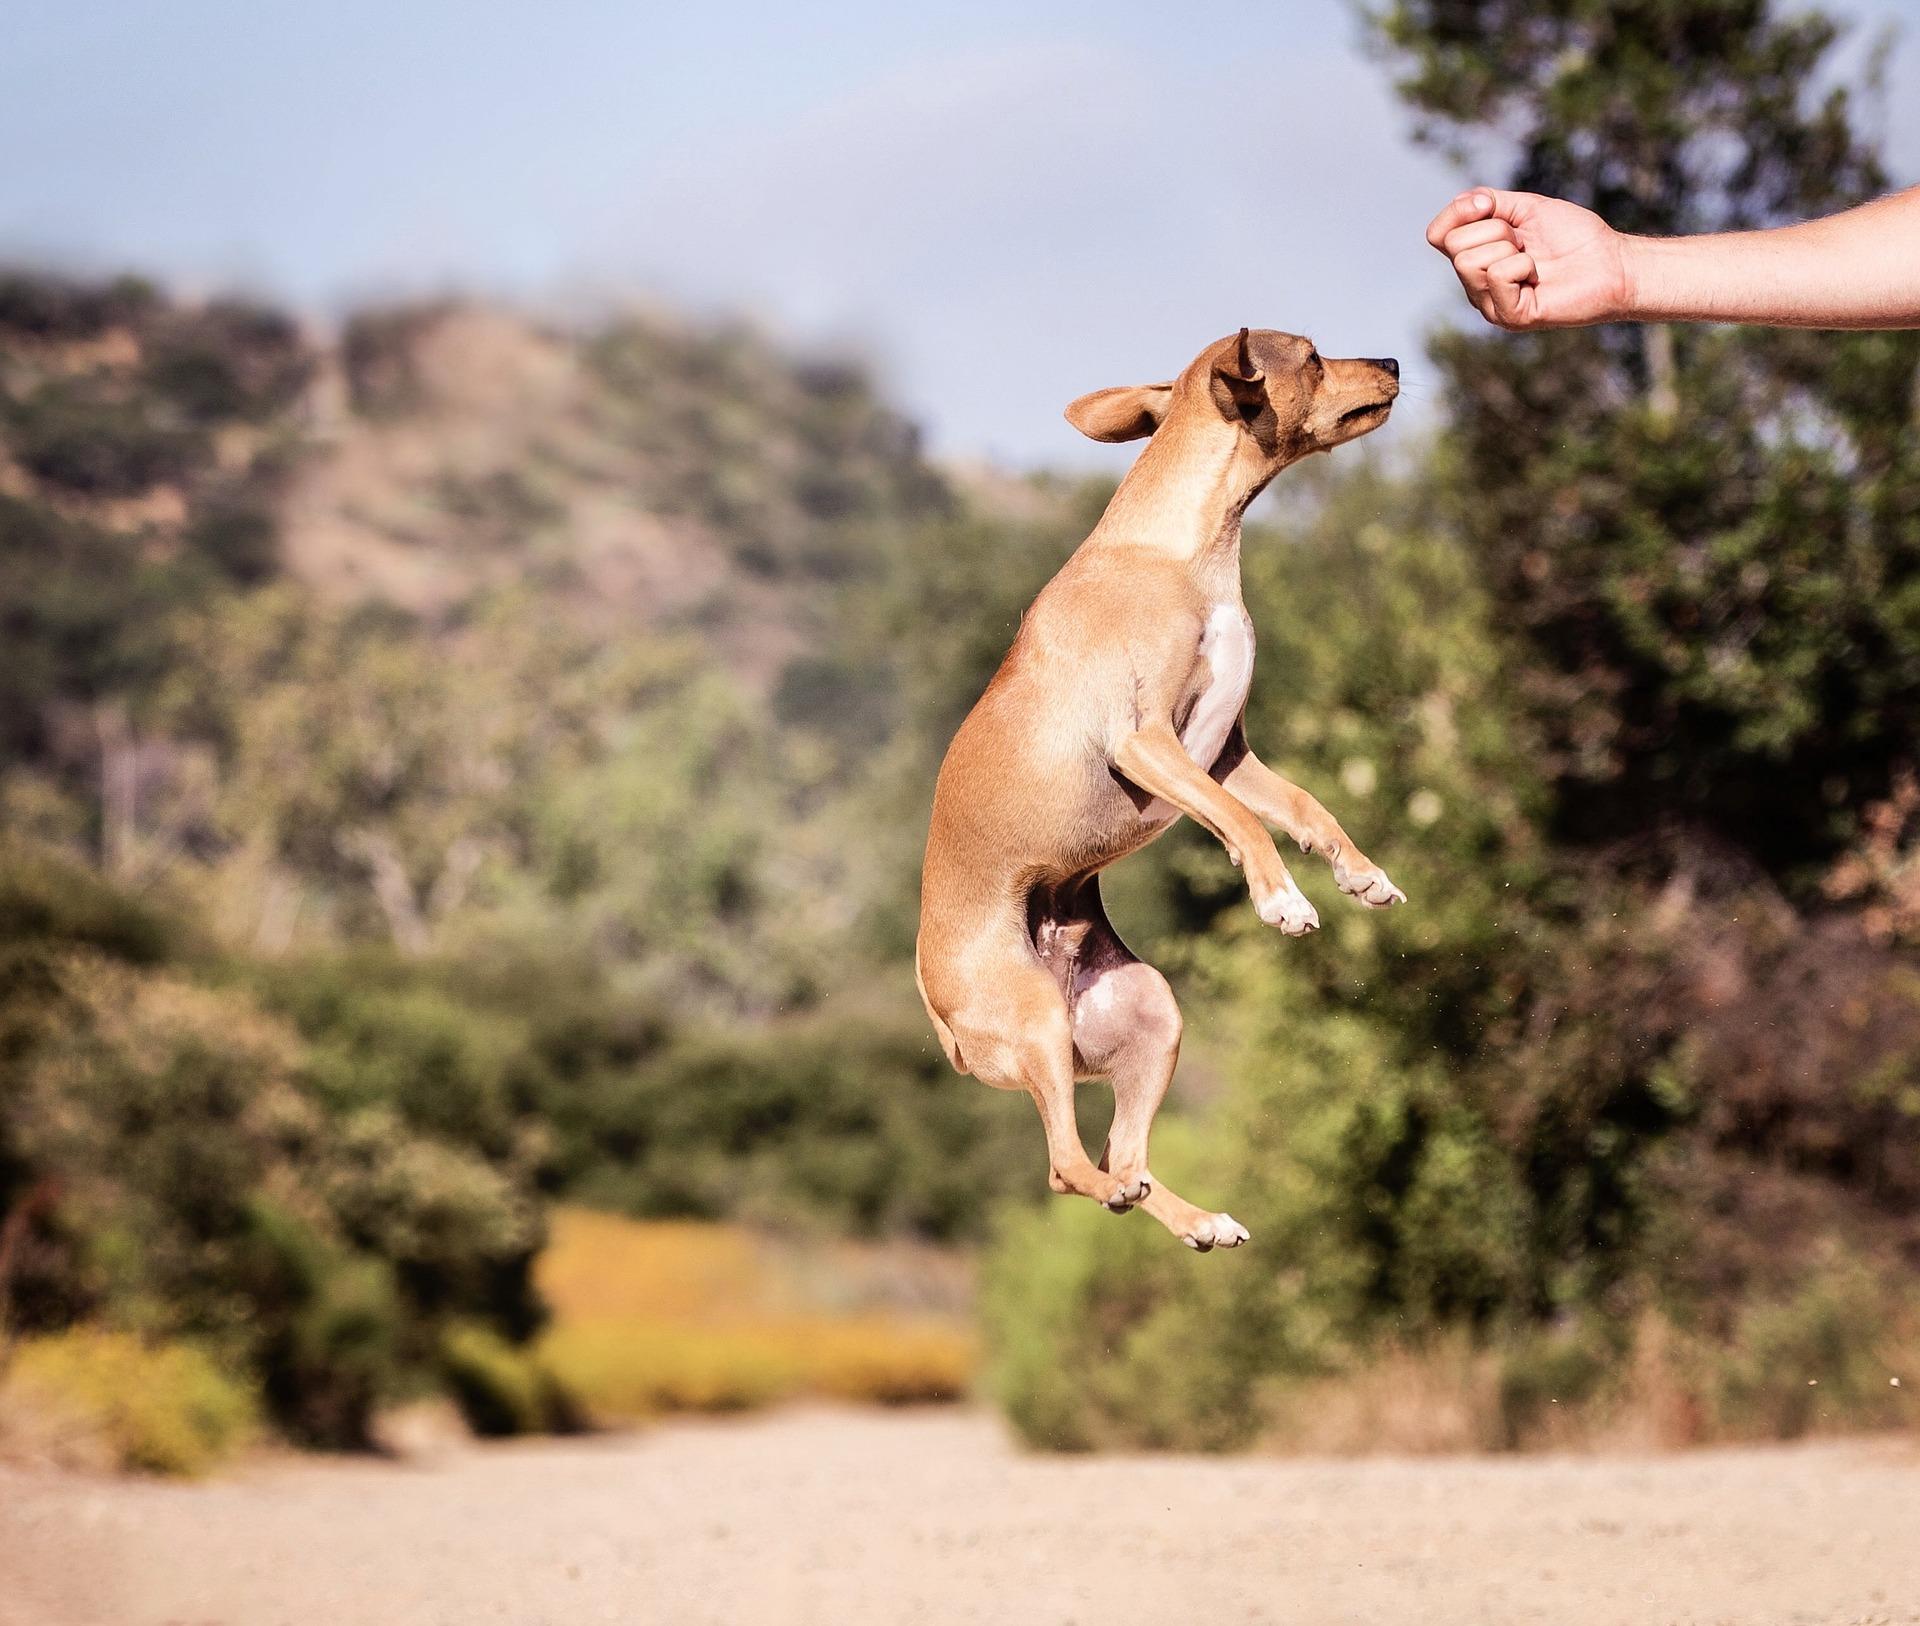 Nauka psa komend zazwyczaj rozpoczyna w 2 miesiącu jego życia i obejmuje: siad, na miejsce, zostań i przywołanie.